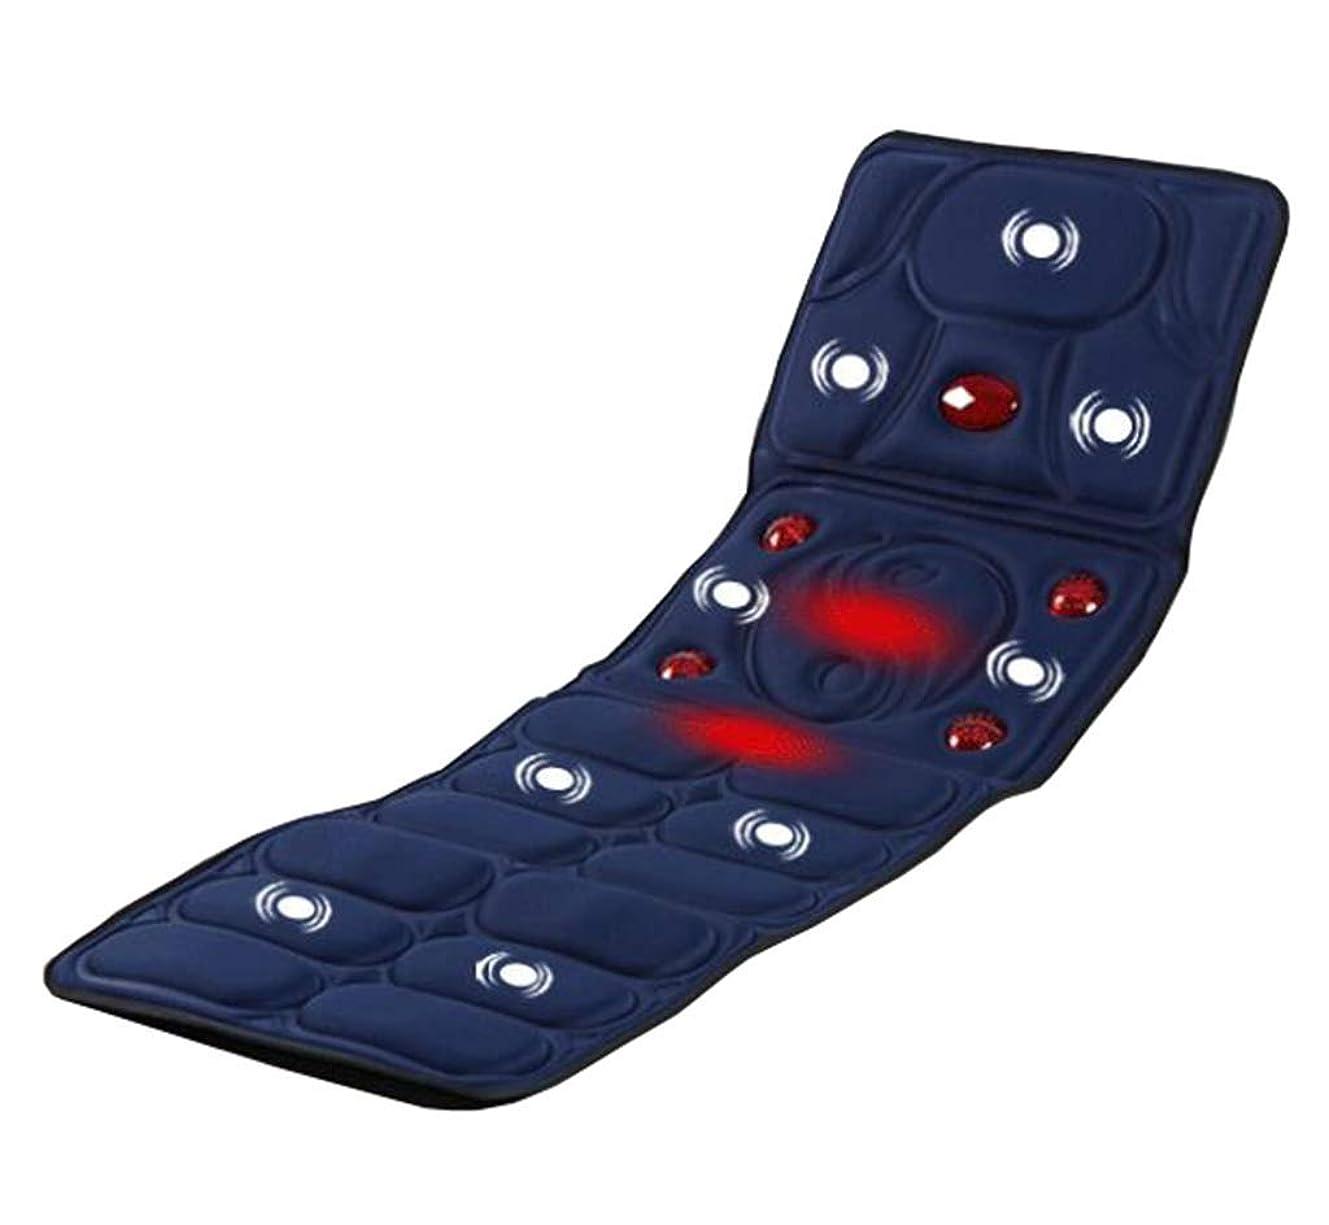 学部長戦い低下マッサージマットレス多機能電気暖房マッサージ毛布全身マッサージシートクッション頸椎背部医療ヘルスケアマッサージ機器,ブルー